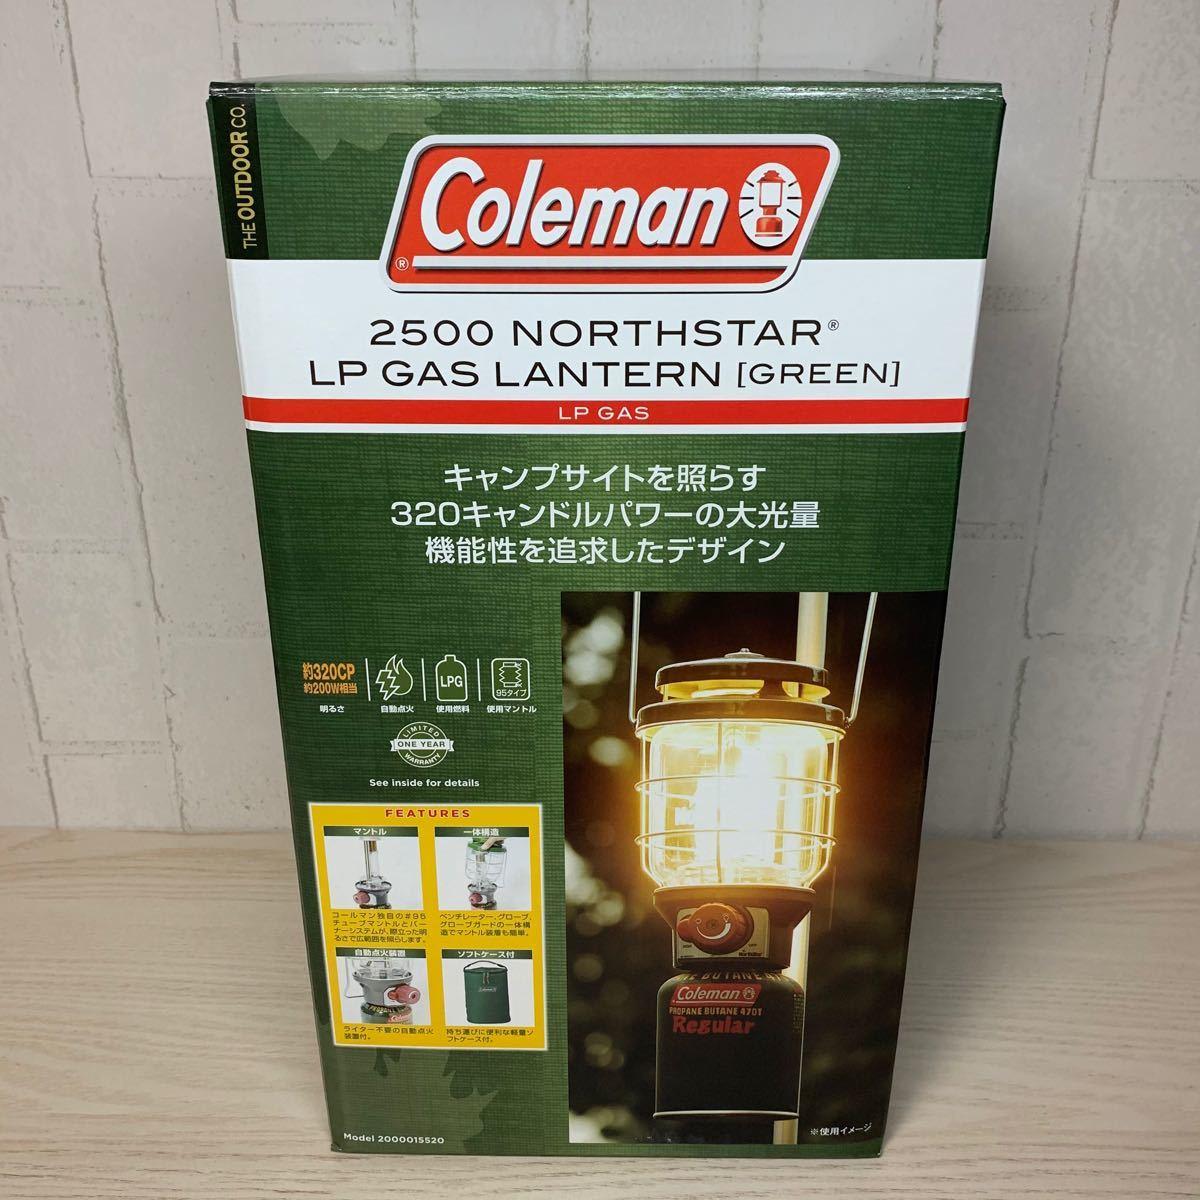 【新品未使用品】コールマン Coleman ガスランタン 2500 ノーススター